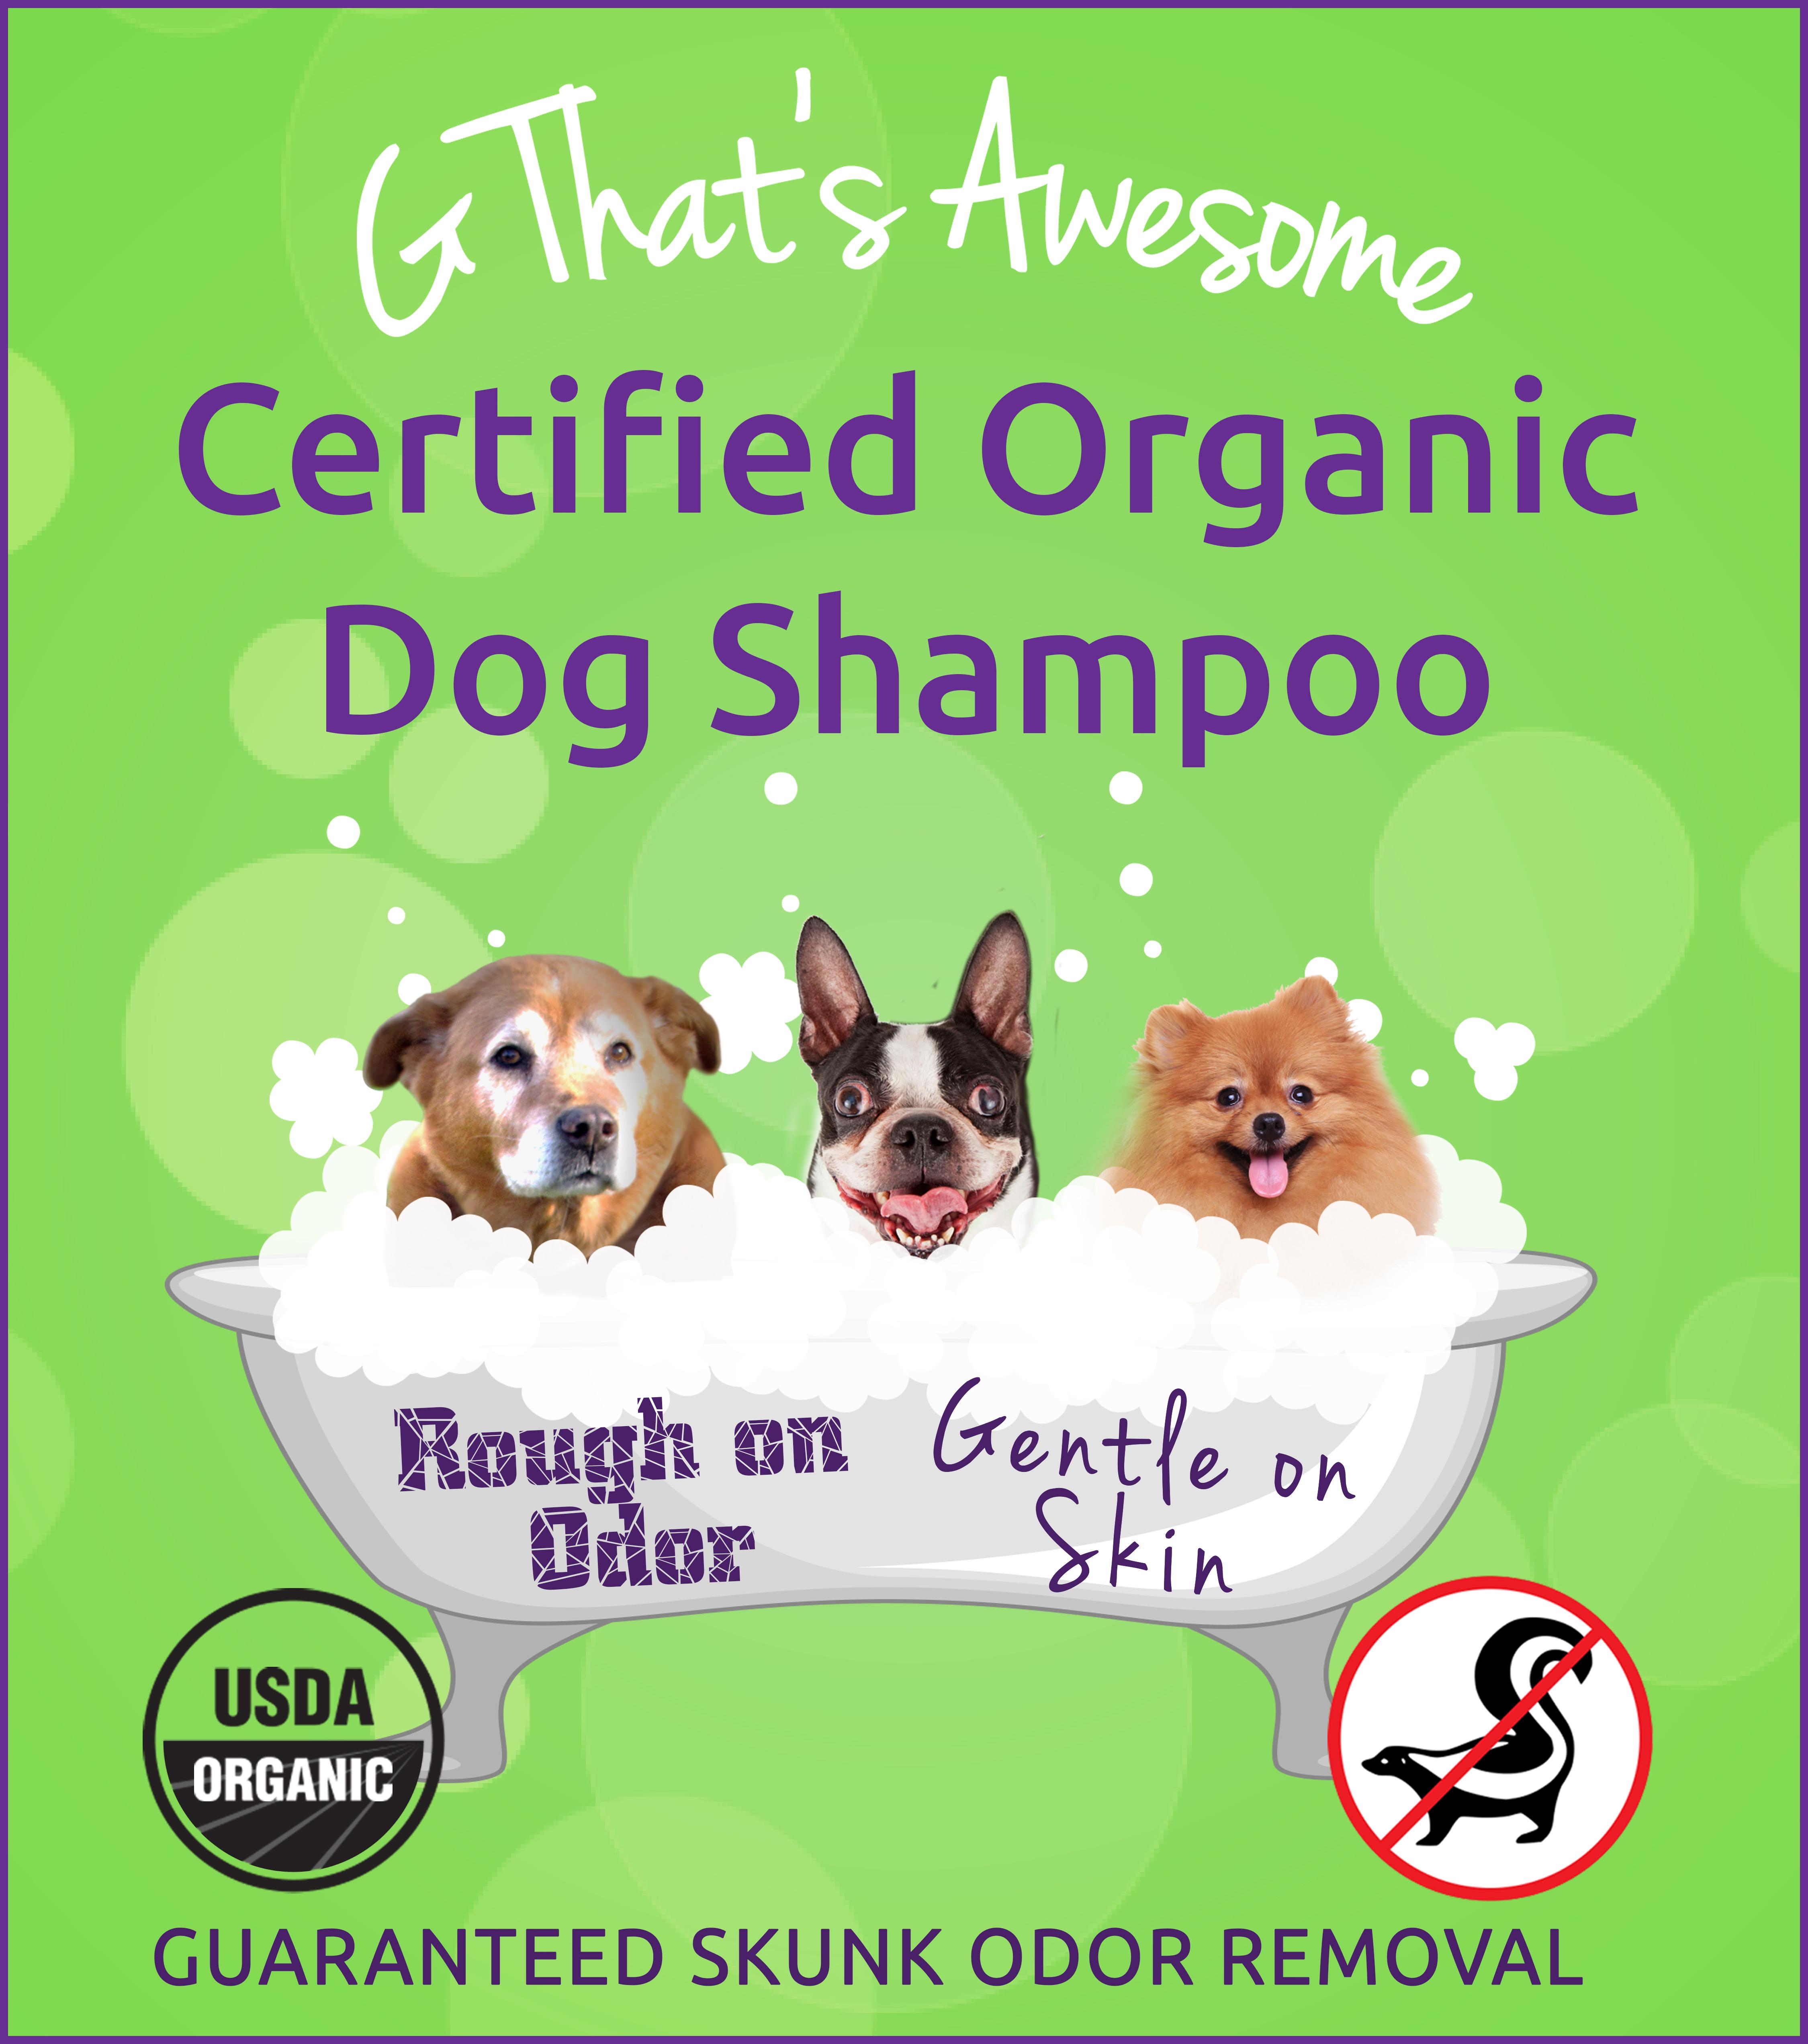 shampoo-dog-handout-image.jpg